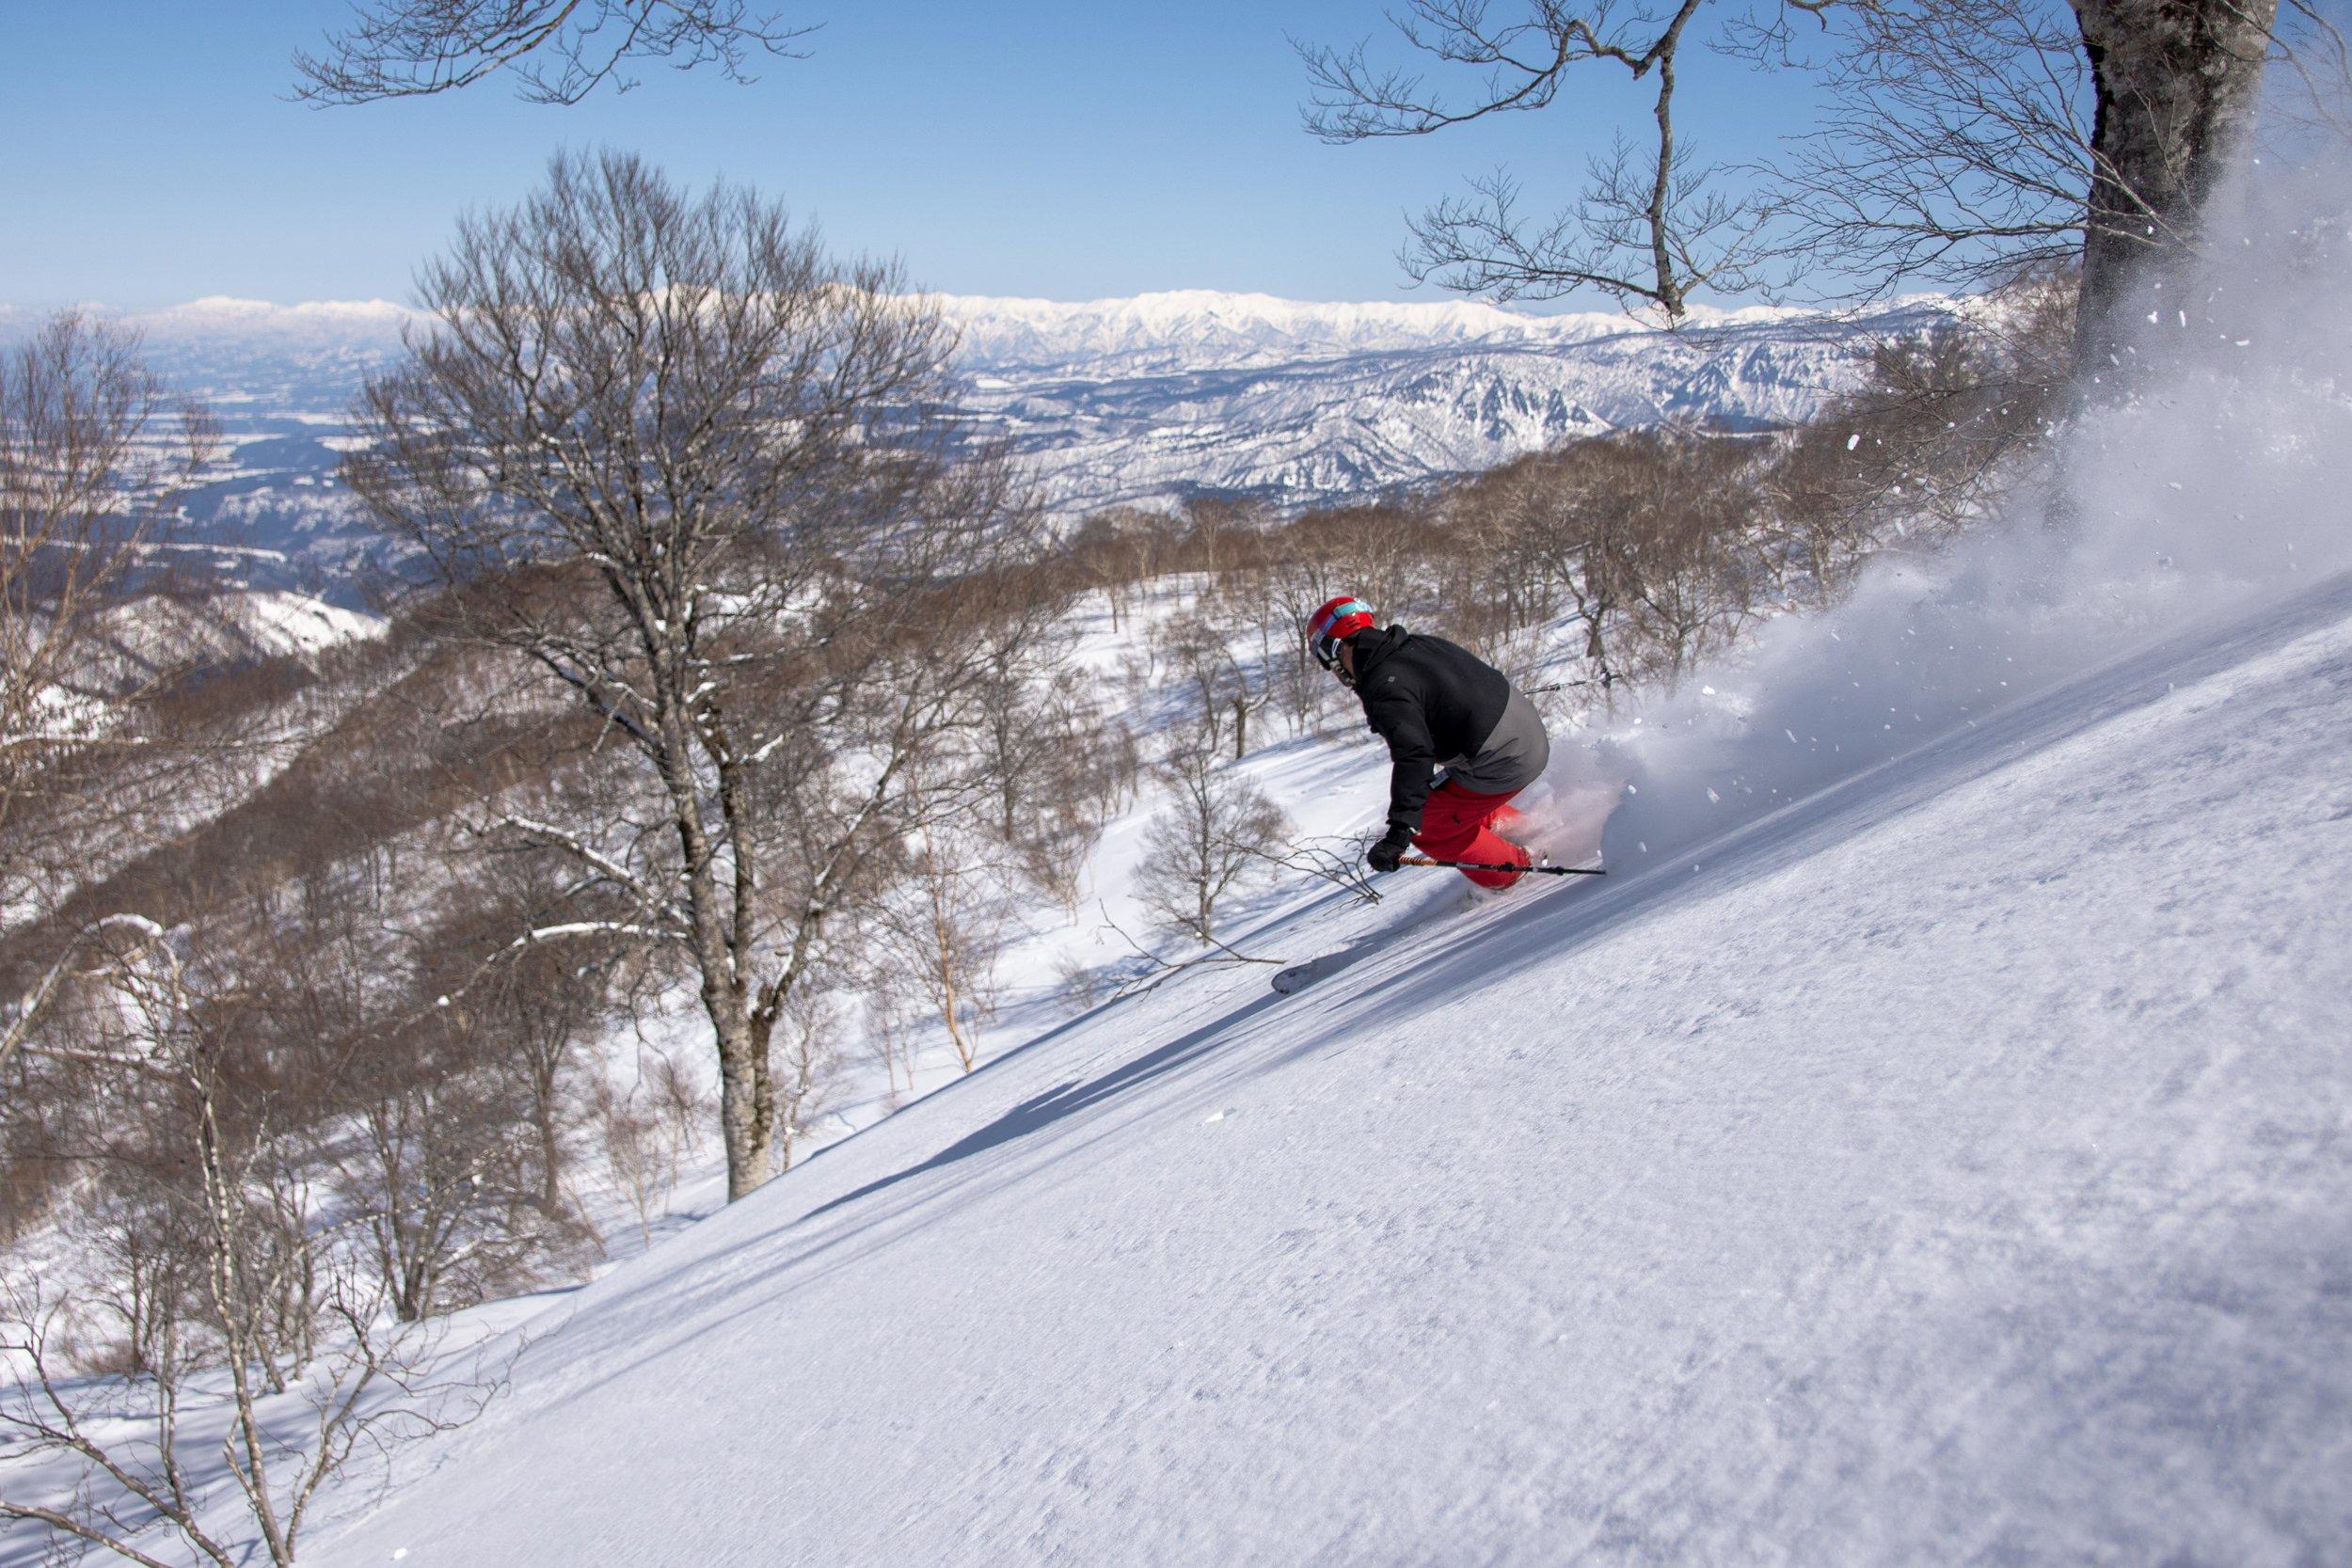 Nozawa Onsen | Downhill with a view